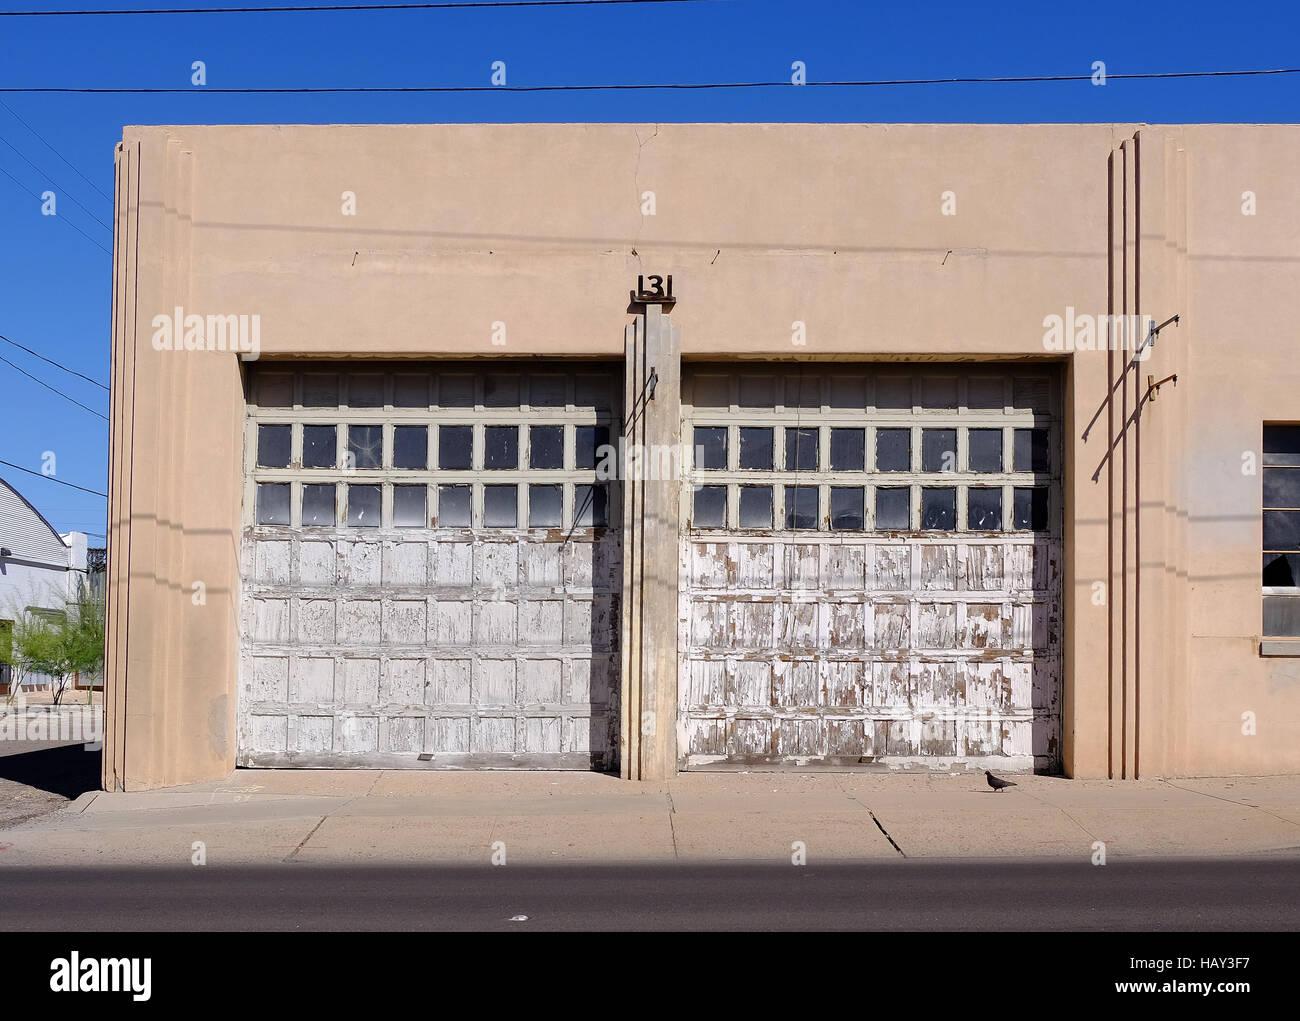 art garage door stock photos & art garage door stock images - alamy